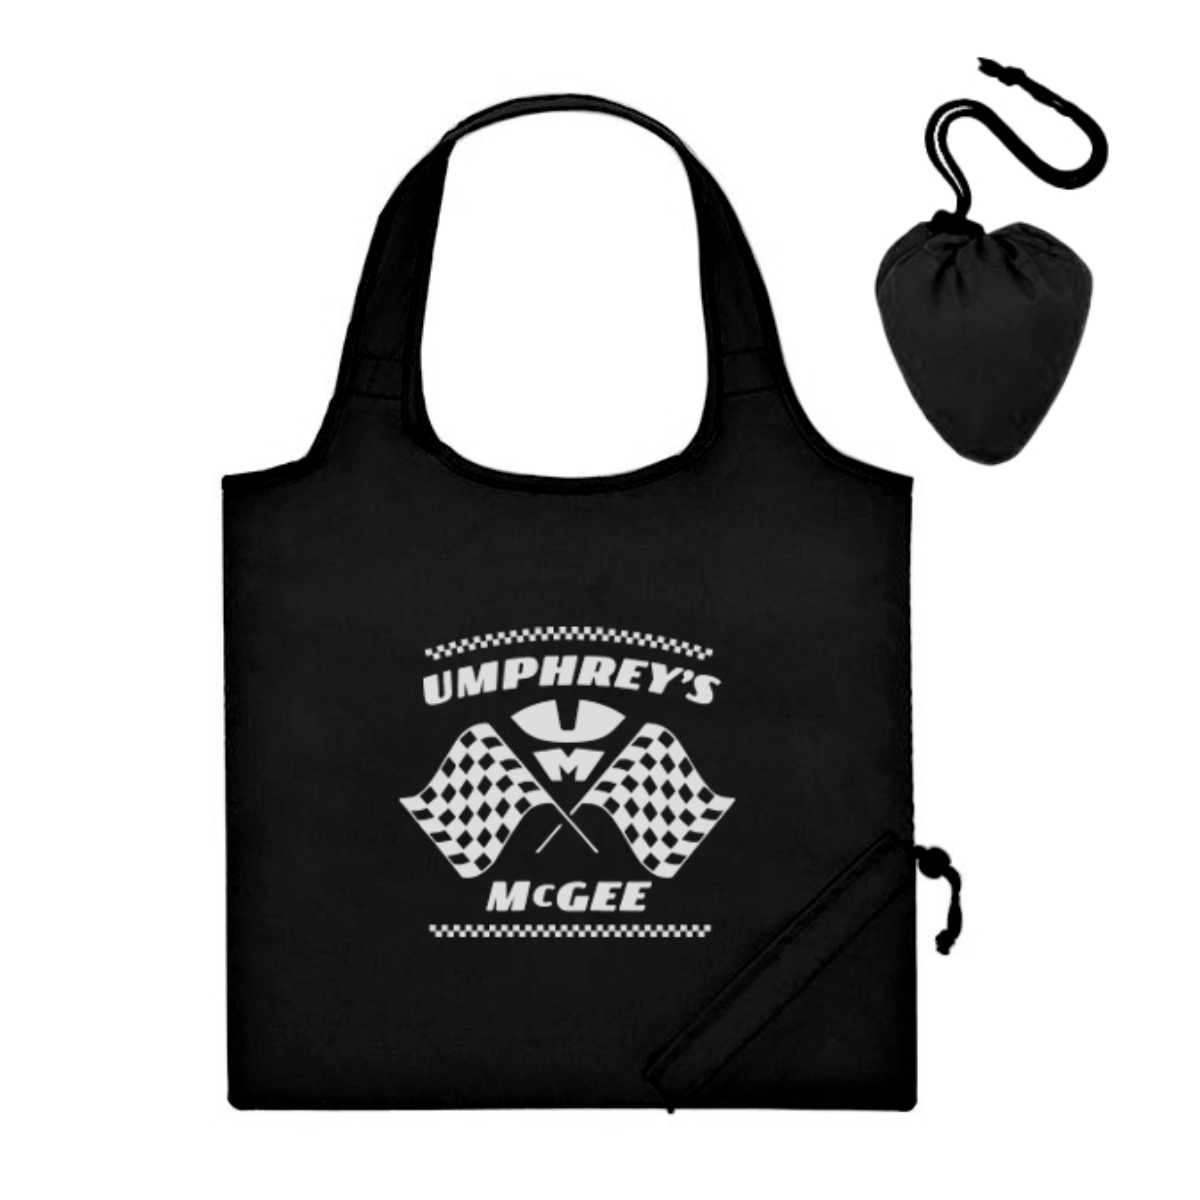 Reusable Checkered Bag